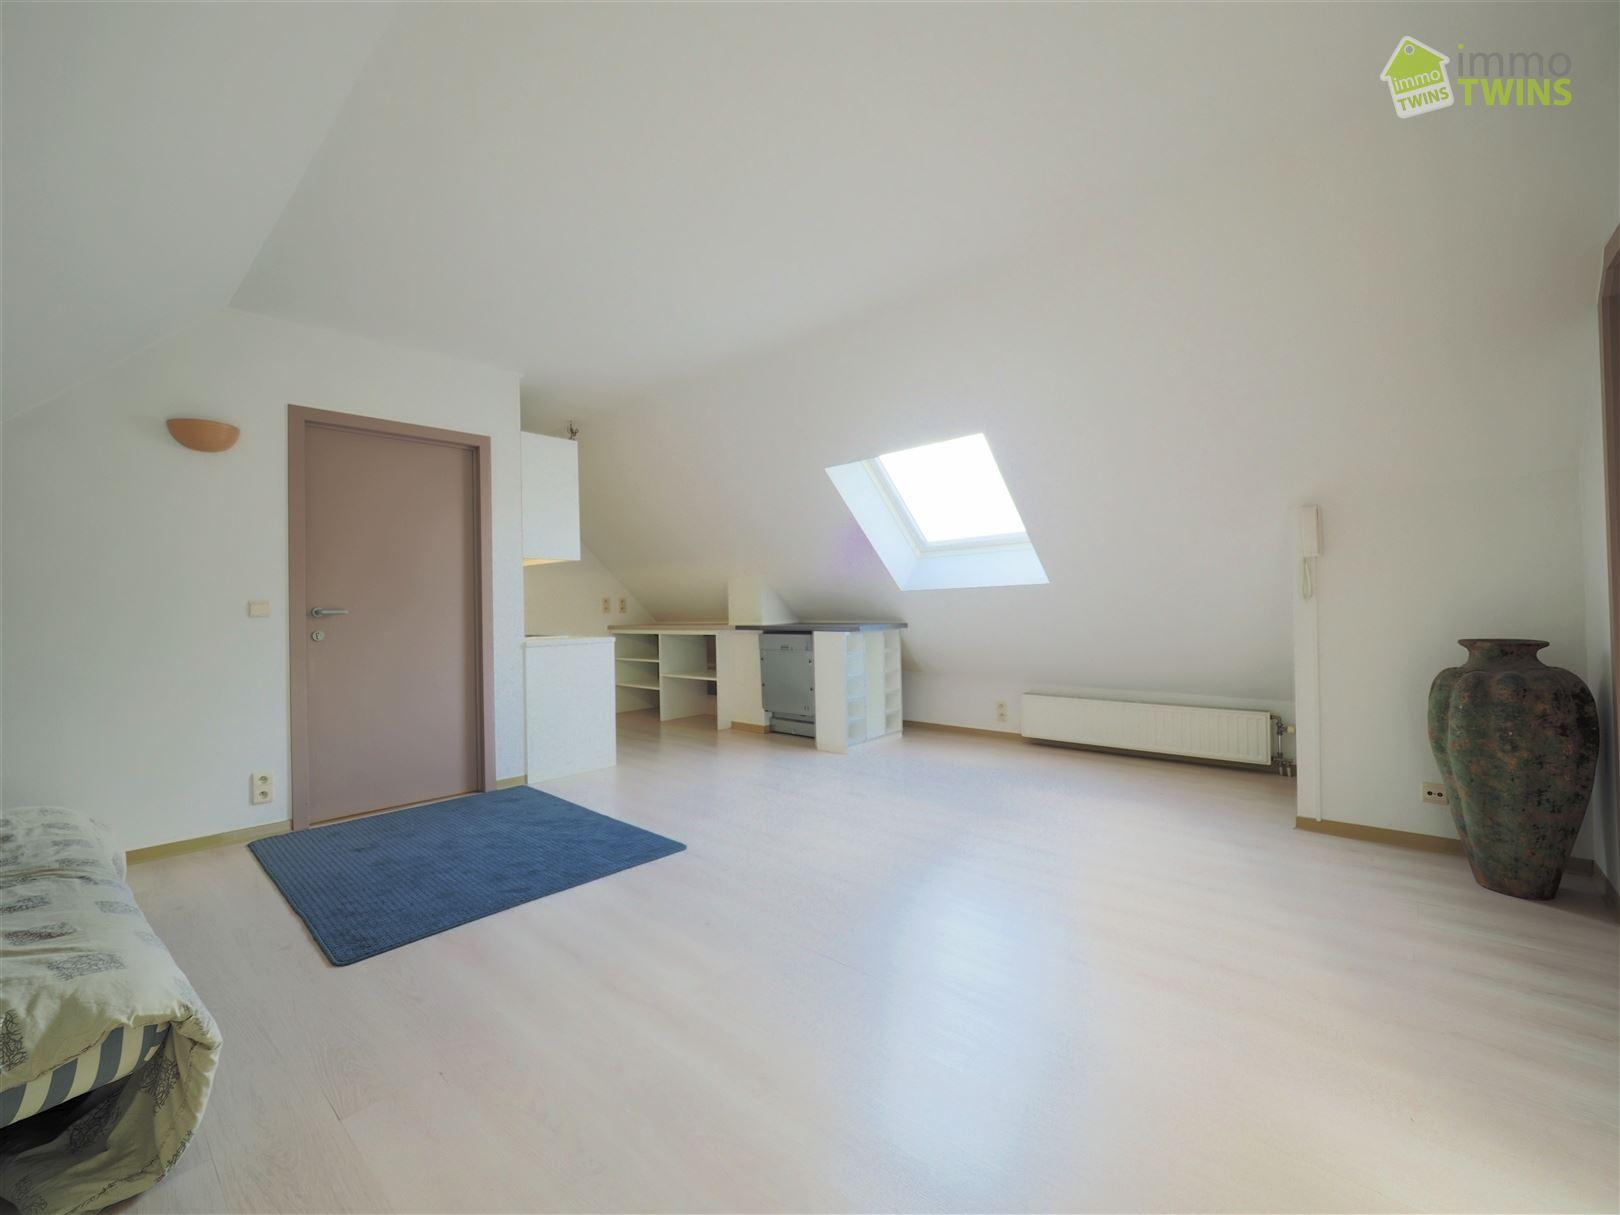 Foto 15 : Woning te 9240 ZELE (België) - Prijs € 420.000